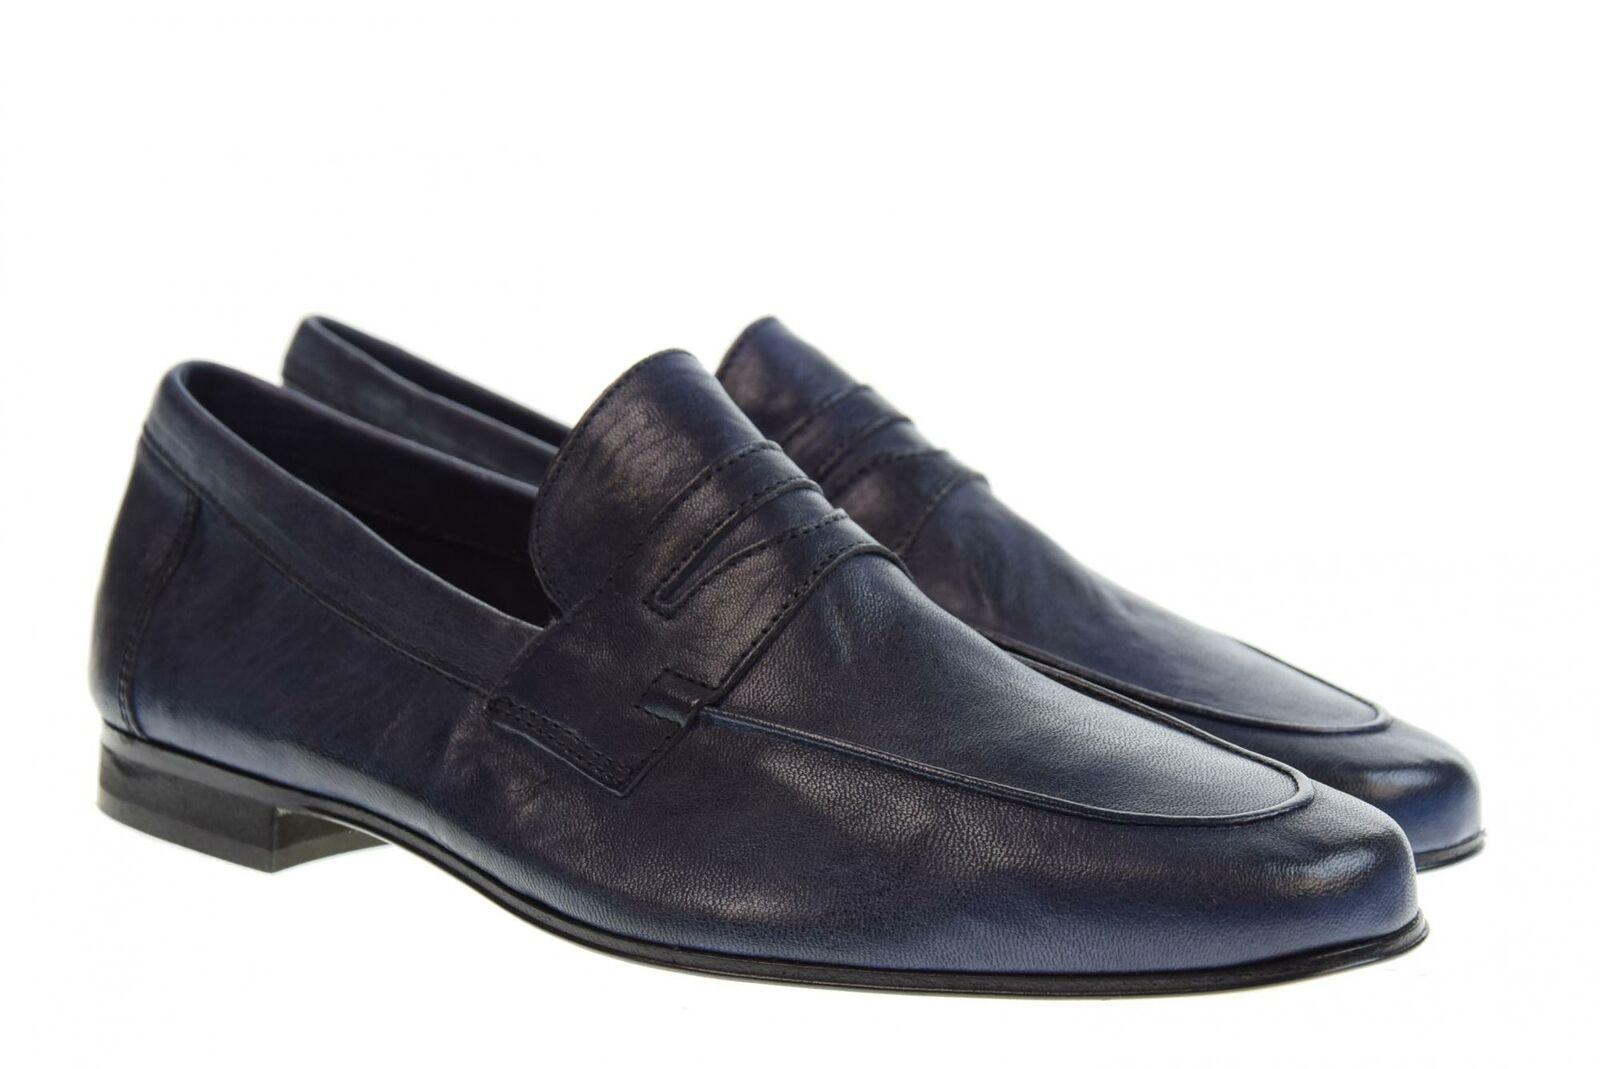 Antica Cuoieria P19s zapatos hombre mocasines 20115-O-V07 OYSTER ABISSO